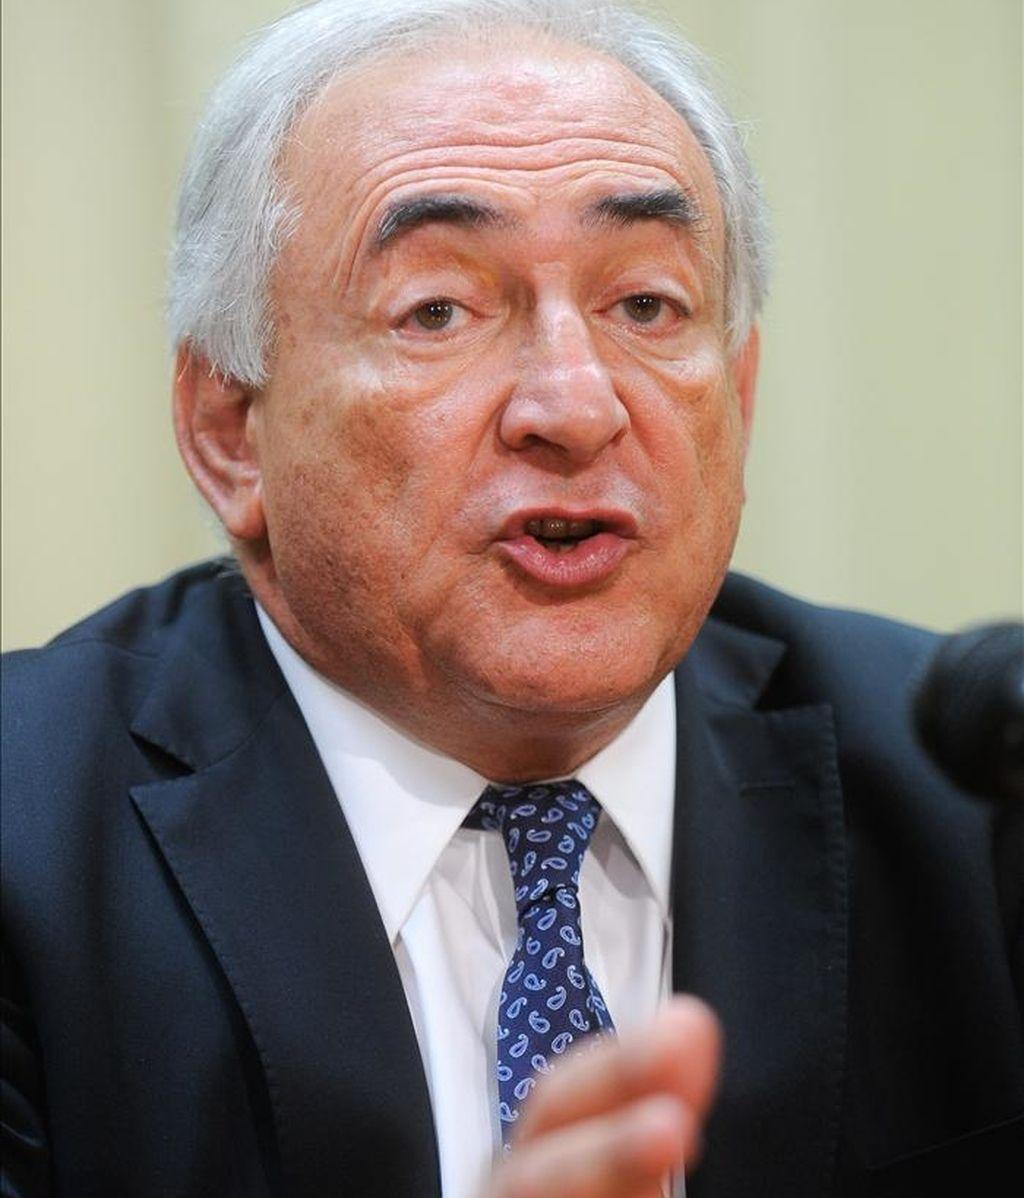 Las políticas económicas que ha puesto en marcha el gobierno español son las correctas y España no necesita ser rescatada, según el director gerente del Fondo Monetario Internacional (FMI), Dominique Strauss-Kahn. EFE/Archivo